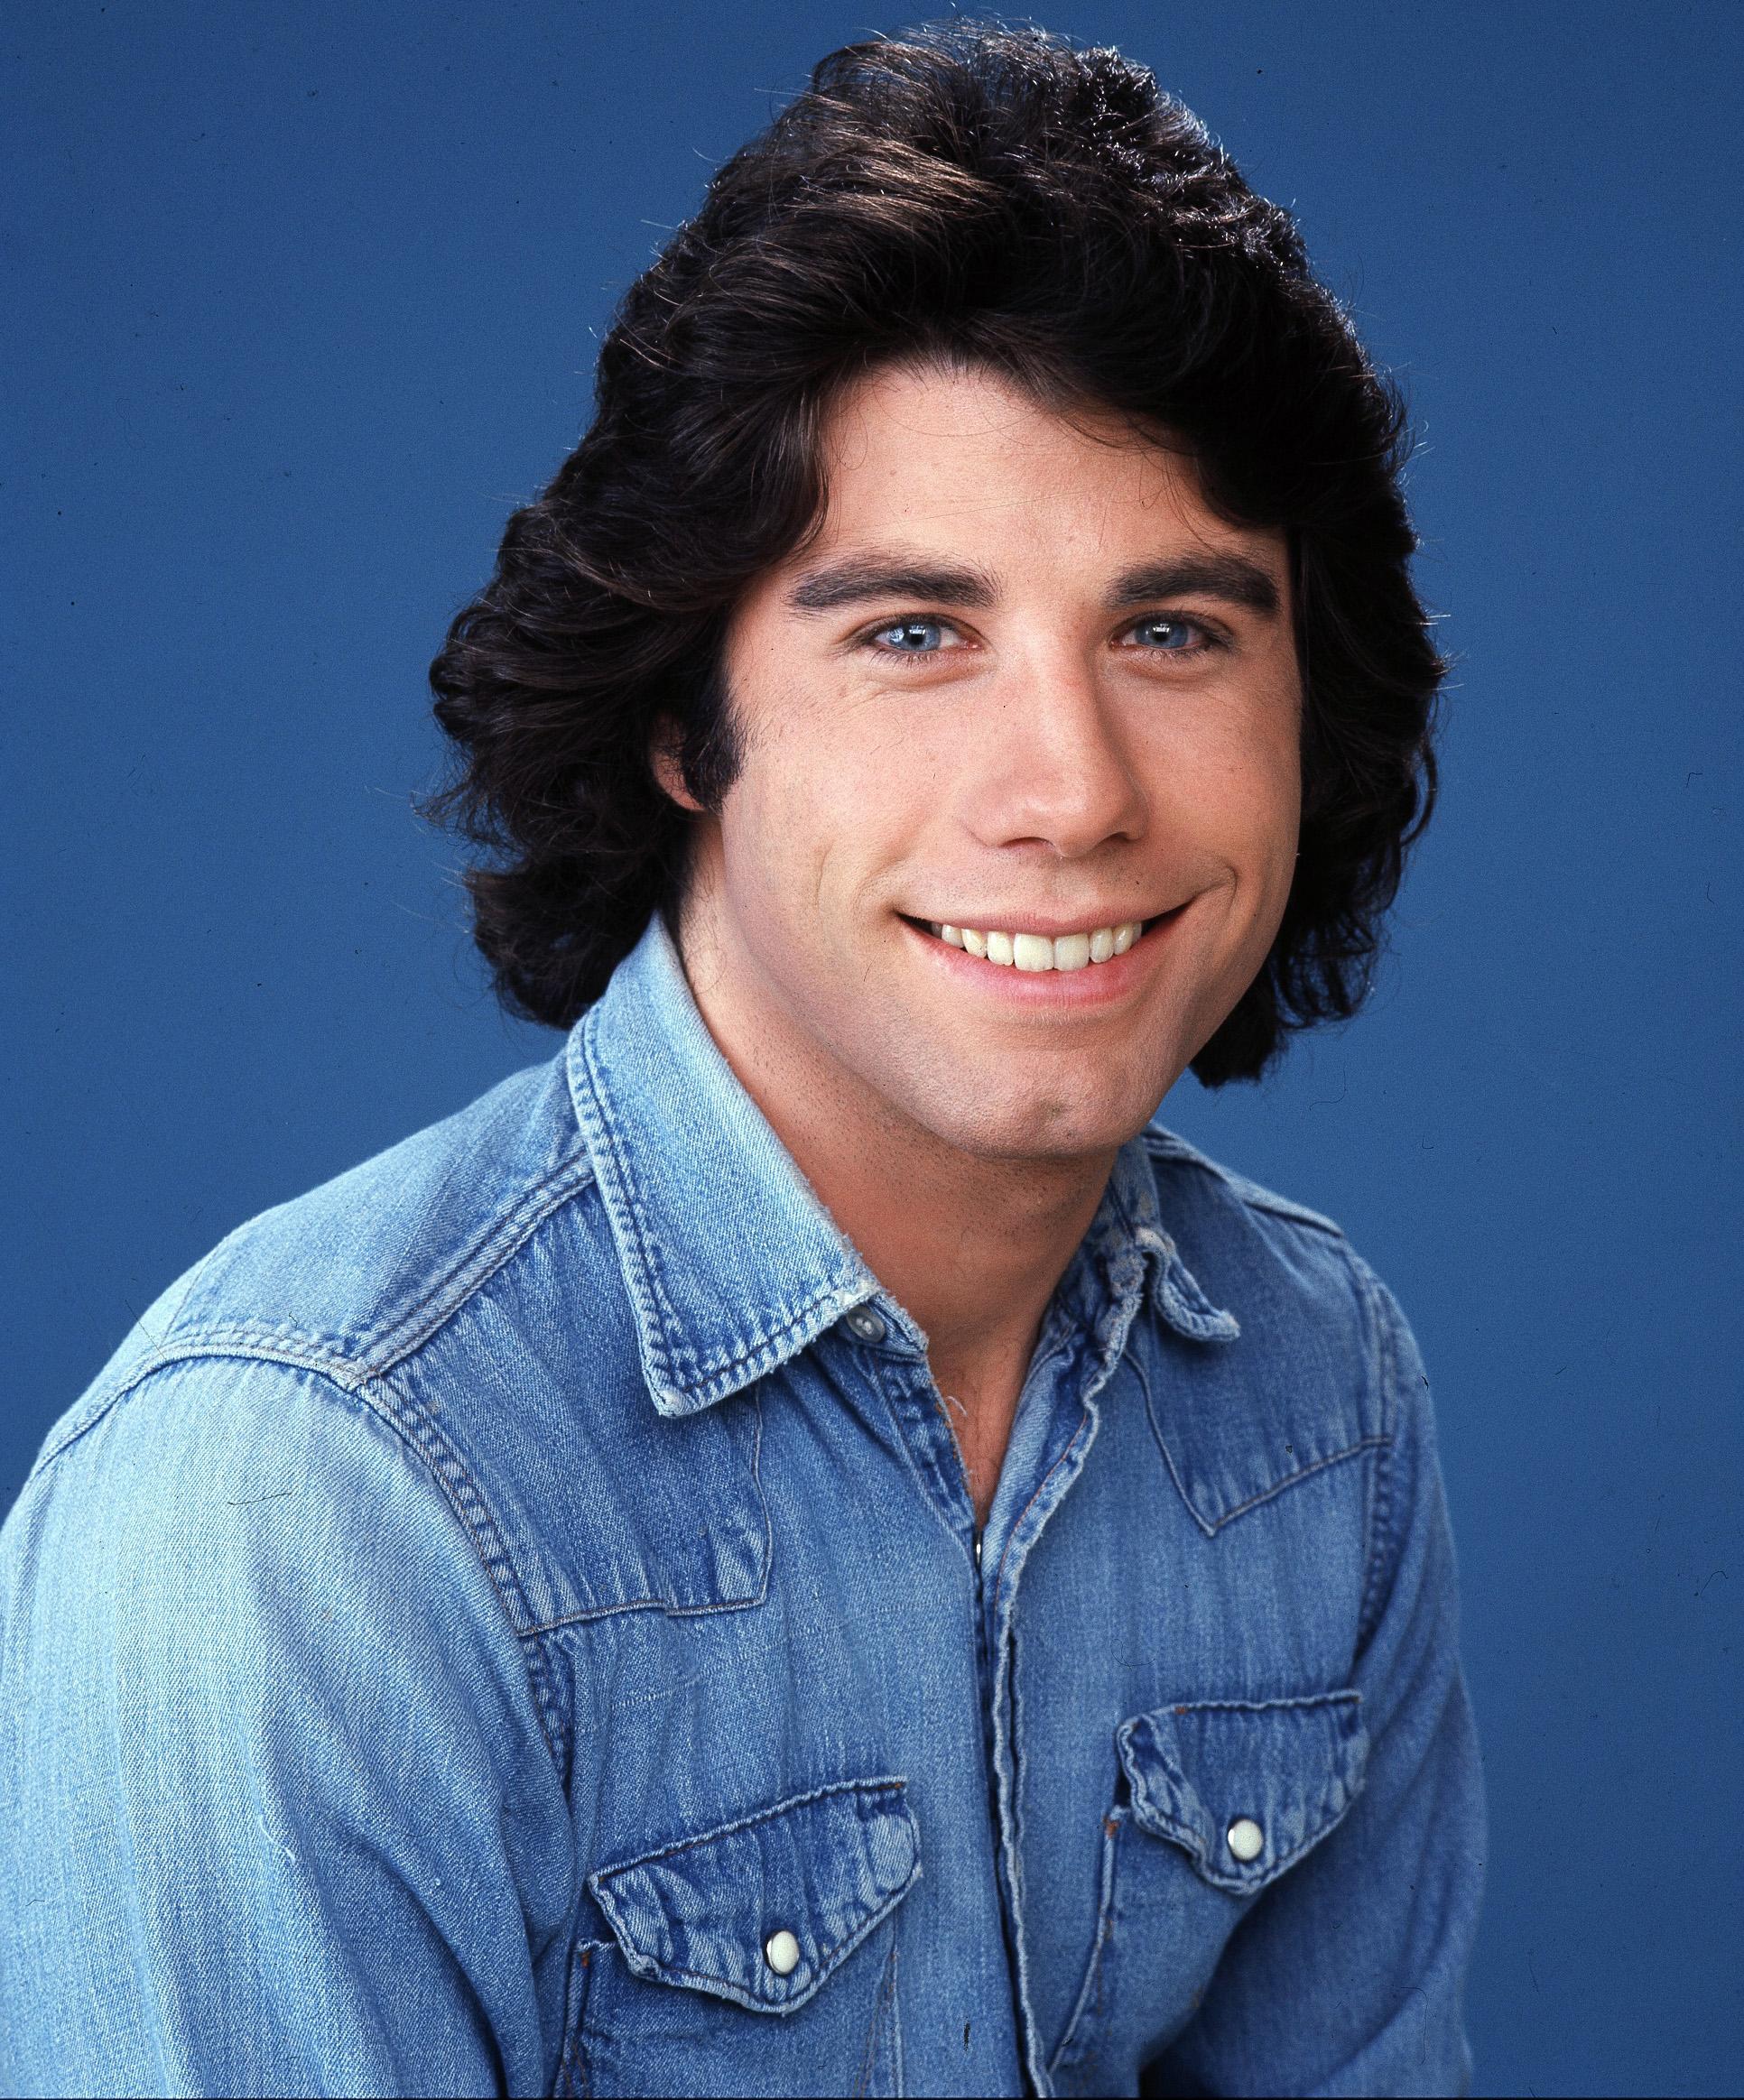 John Travolta's Gray Hair Has Made Him Quite the Silver Fox